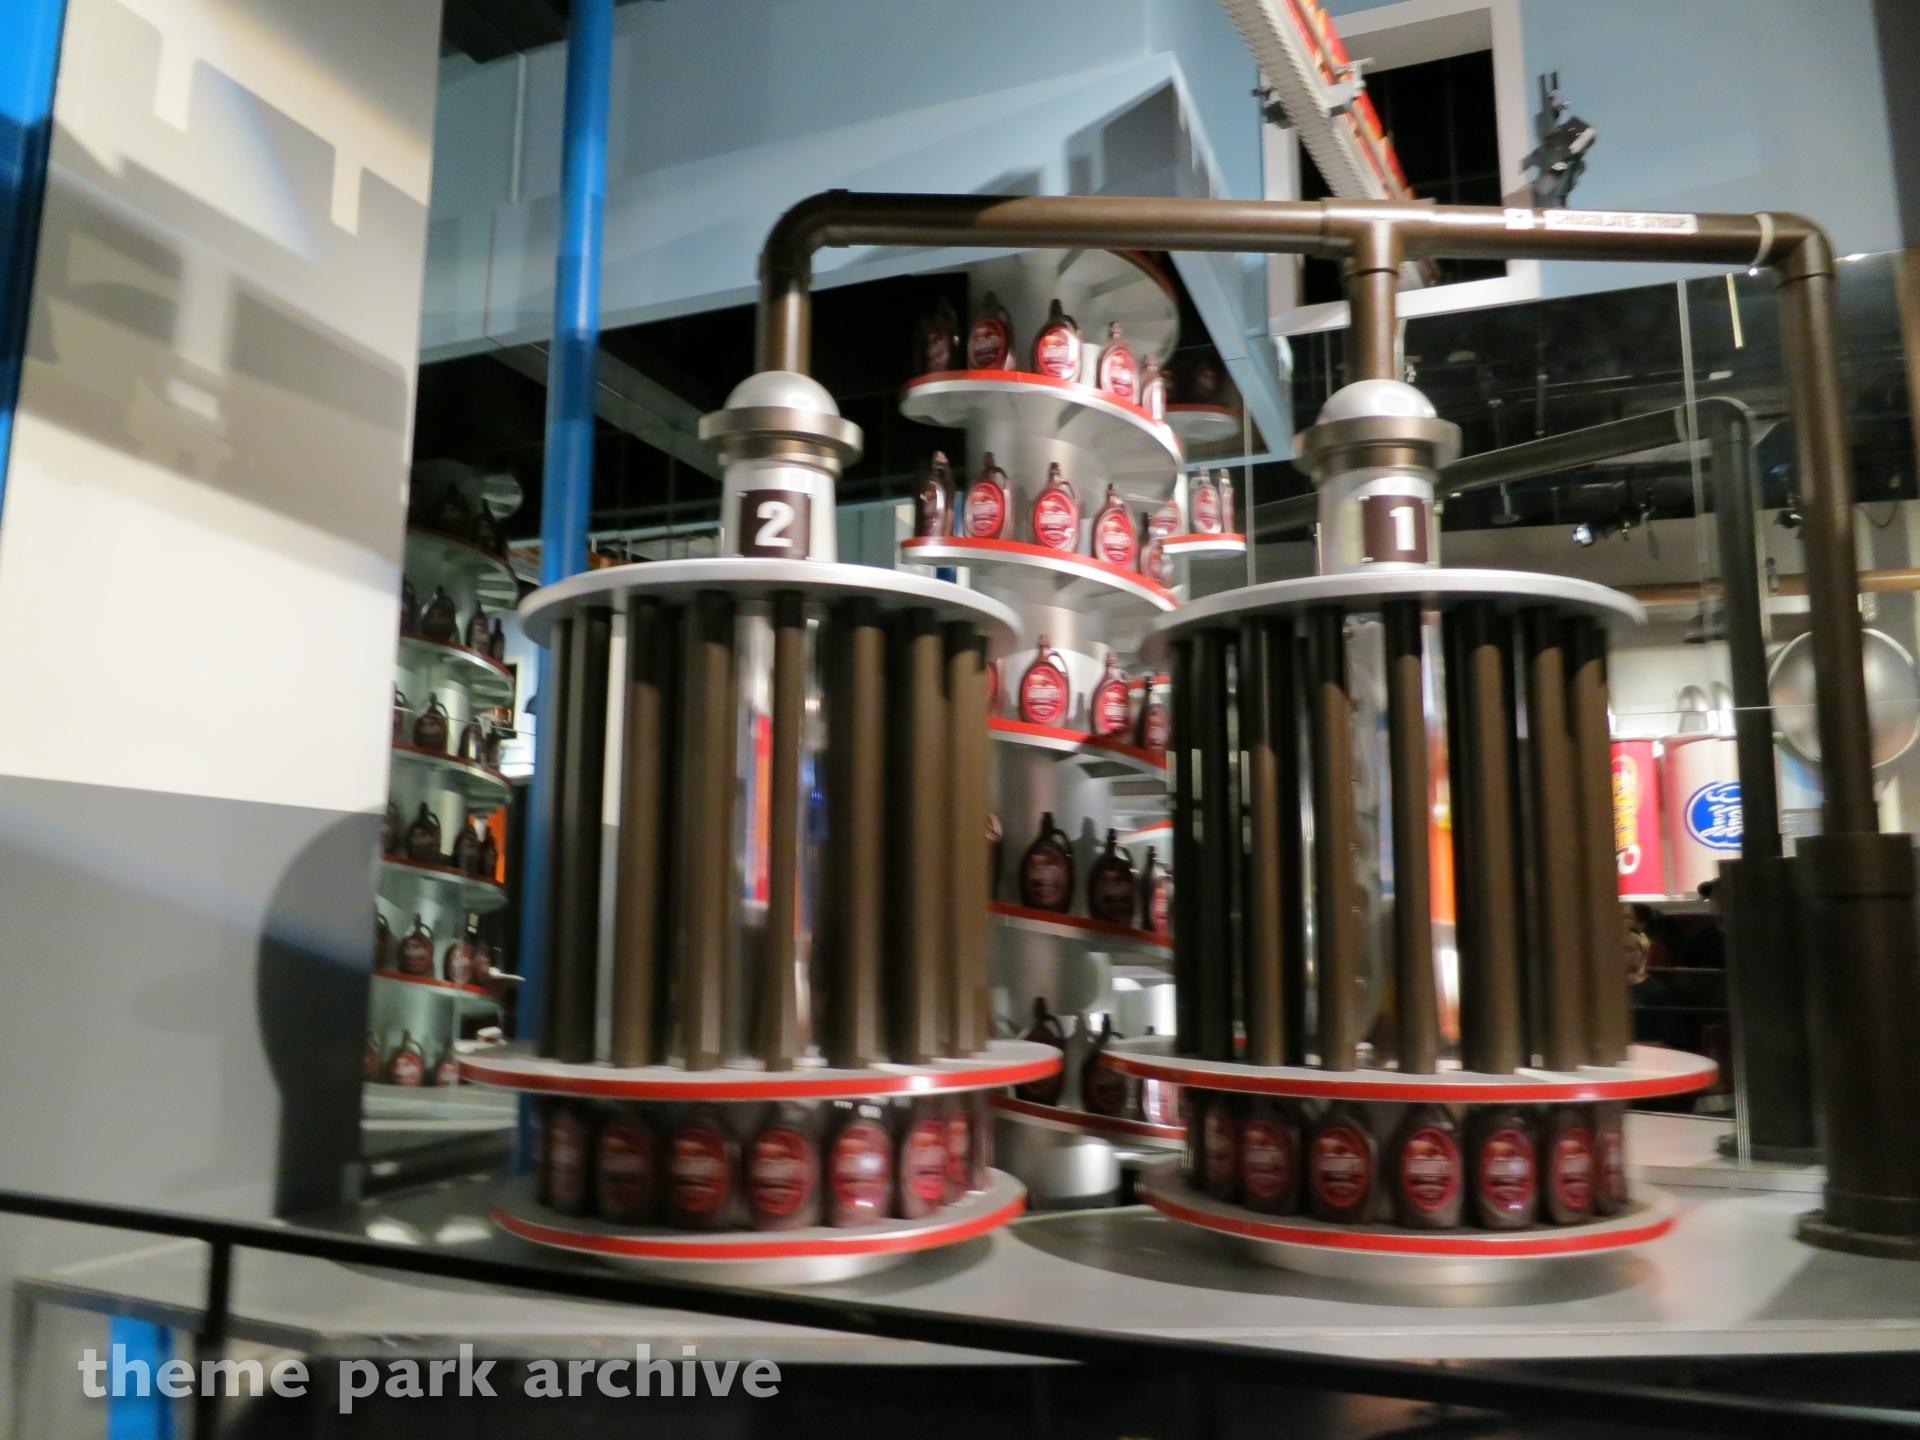 Chocolate World at Hersheypark